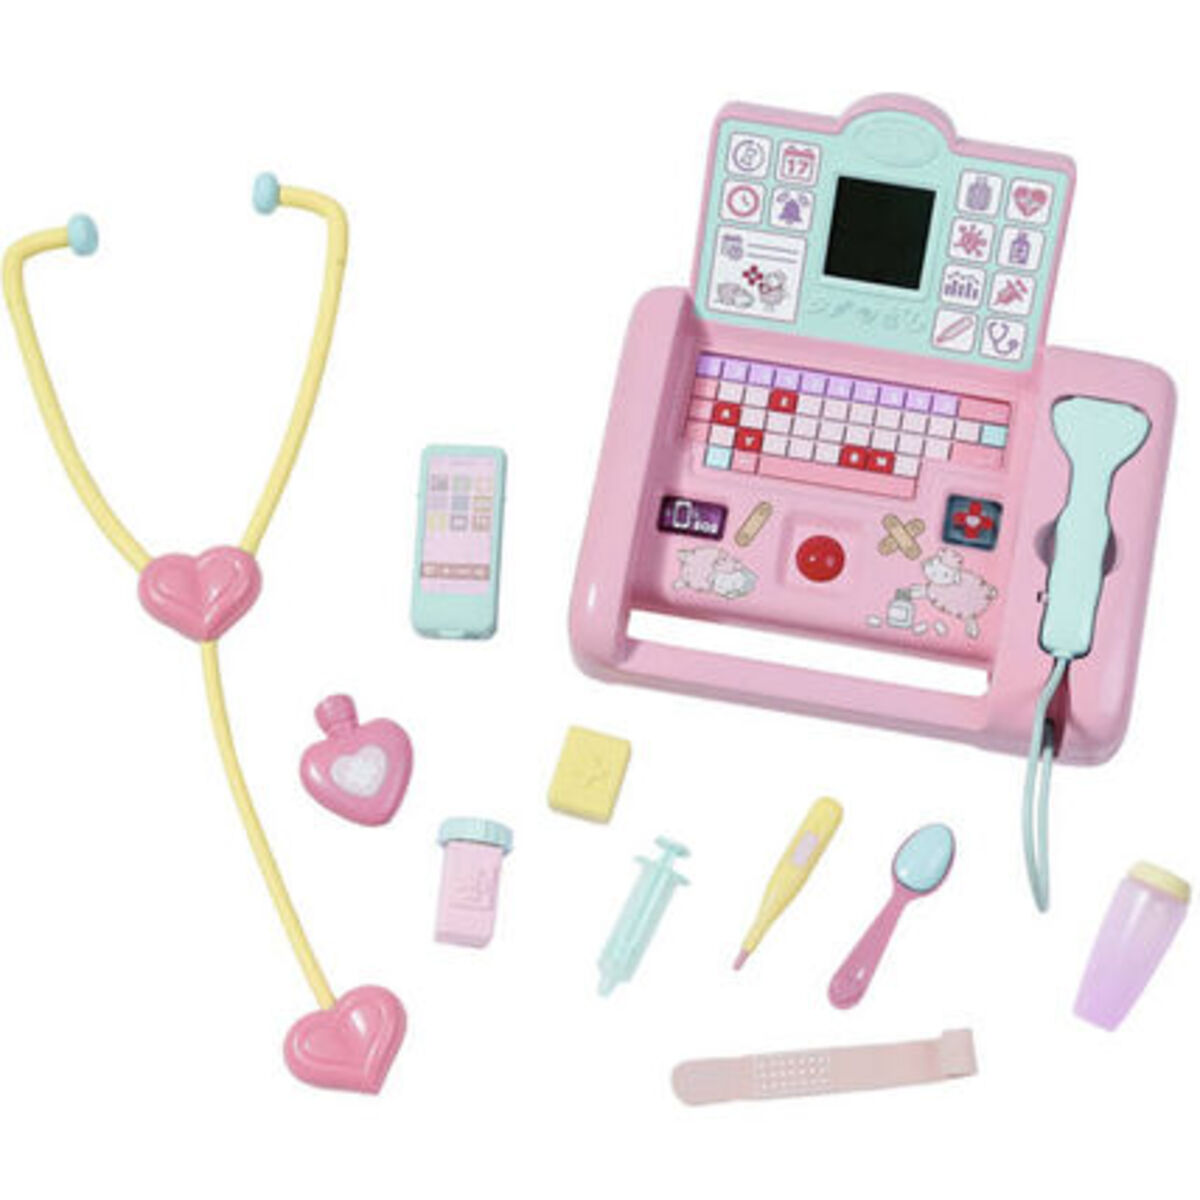 Bild 1 von Zapf Creation® Baby Annabell® Scanner